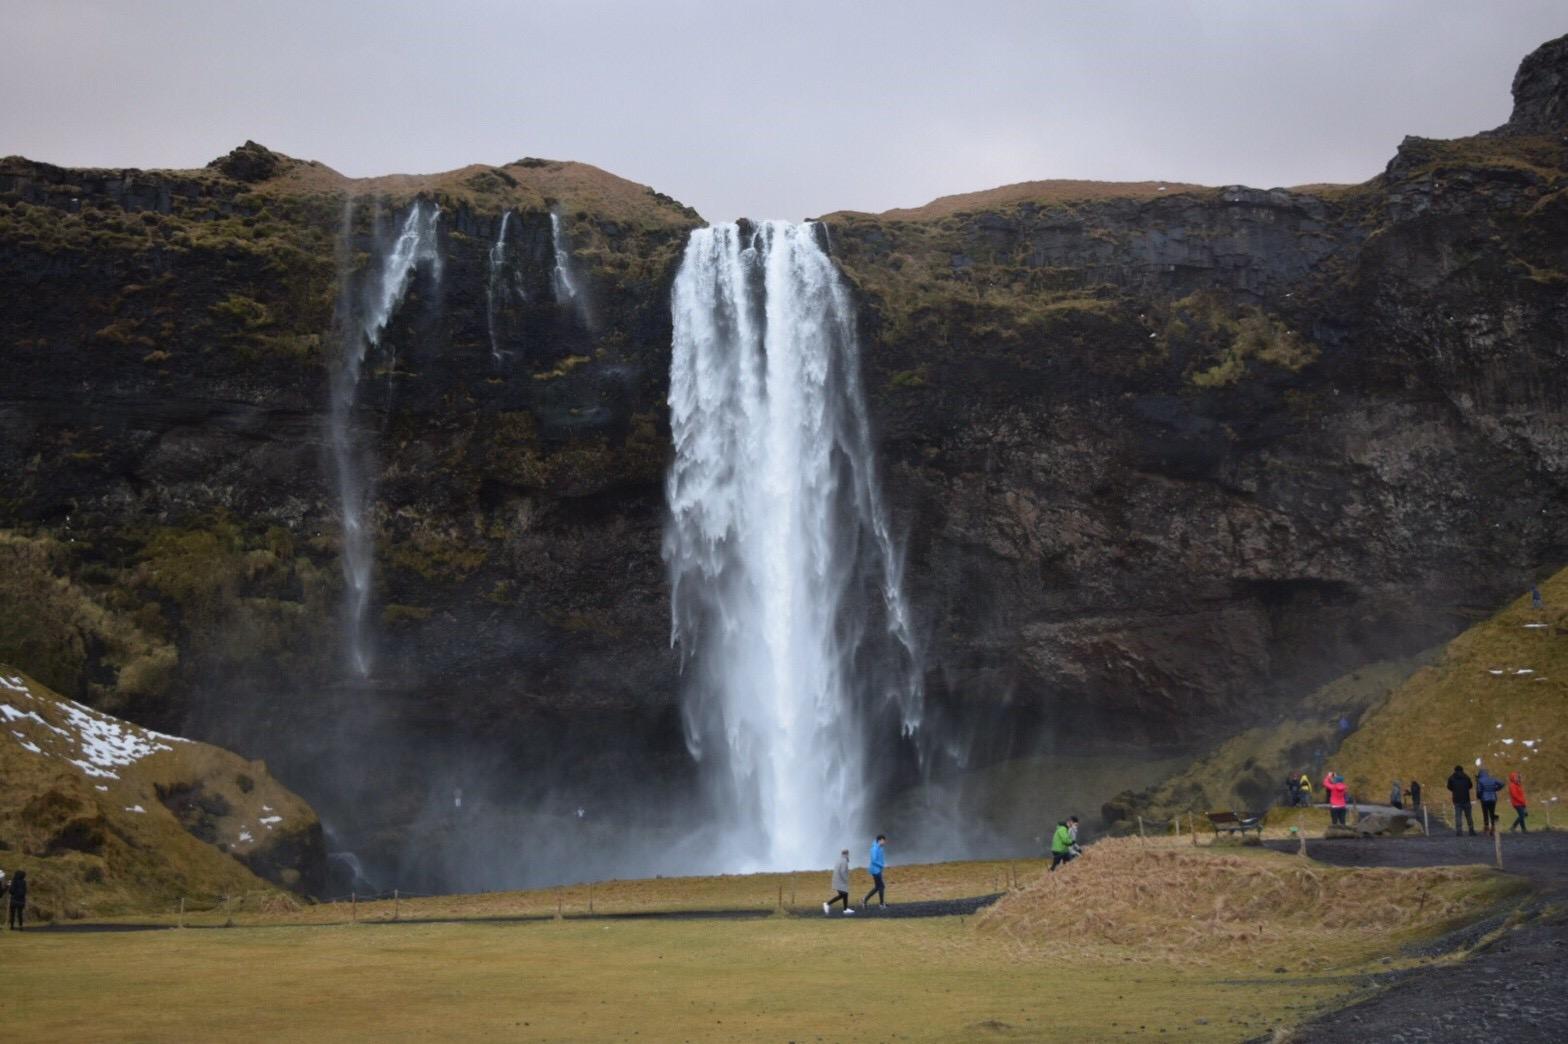 IMG 1826 - メッシを止めたGKは、元「クリエイター&#x2049;︎」<br>少数精鋭・「ダークホース」アイスランドサッカーのユニークな実態とは?